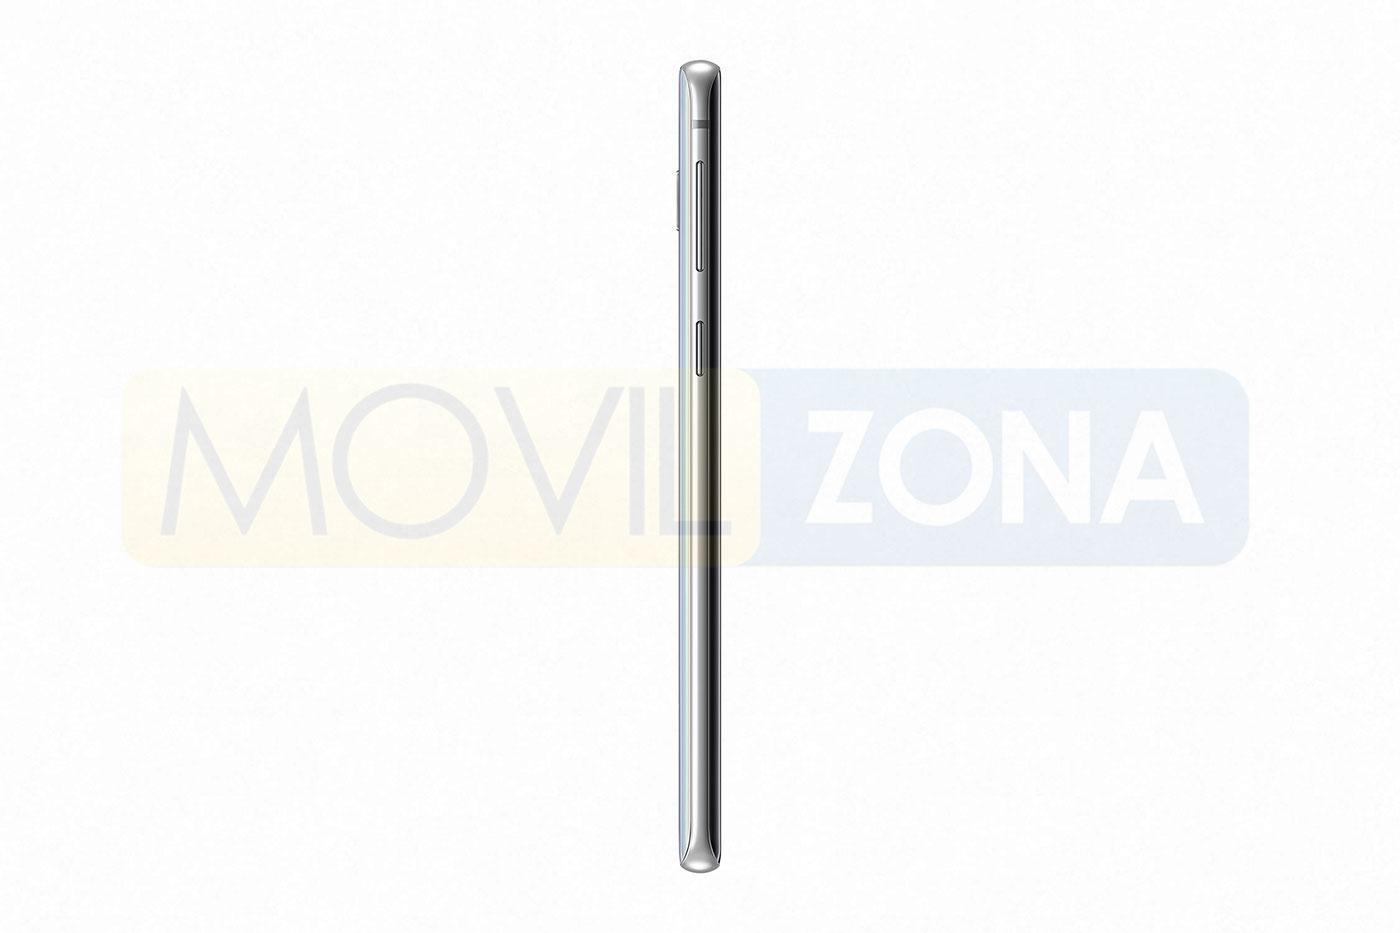 Samsung Galaxy S10 teclas laterales